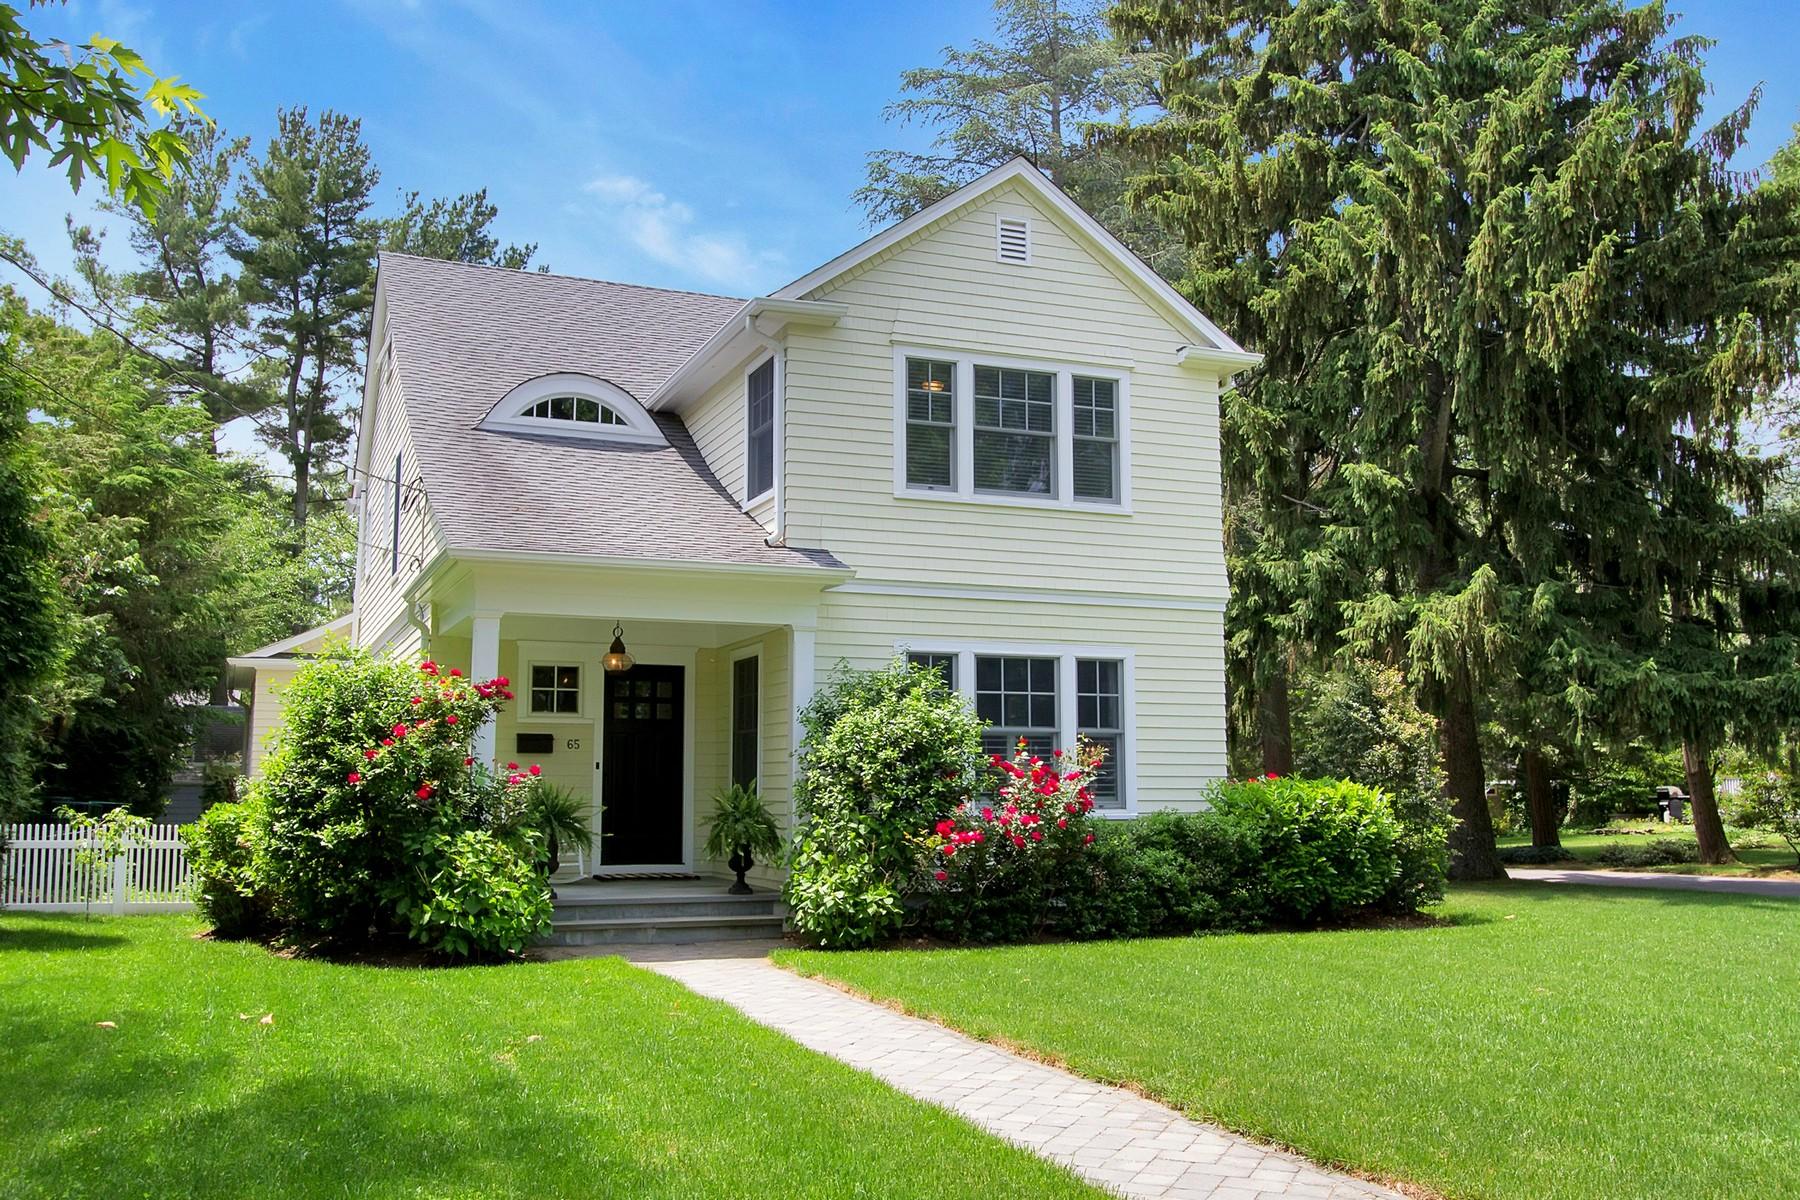 단독 가정 주택 용 매매 에 The perfect home is a means of self-expression 65 Grange Ave Fair Haven, 뉴저지, 07704 미국